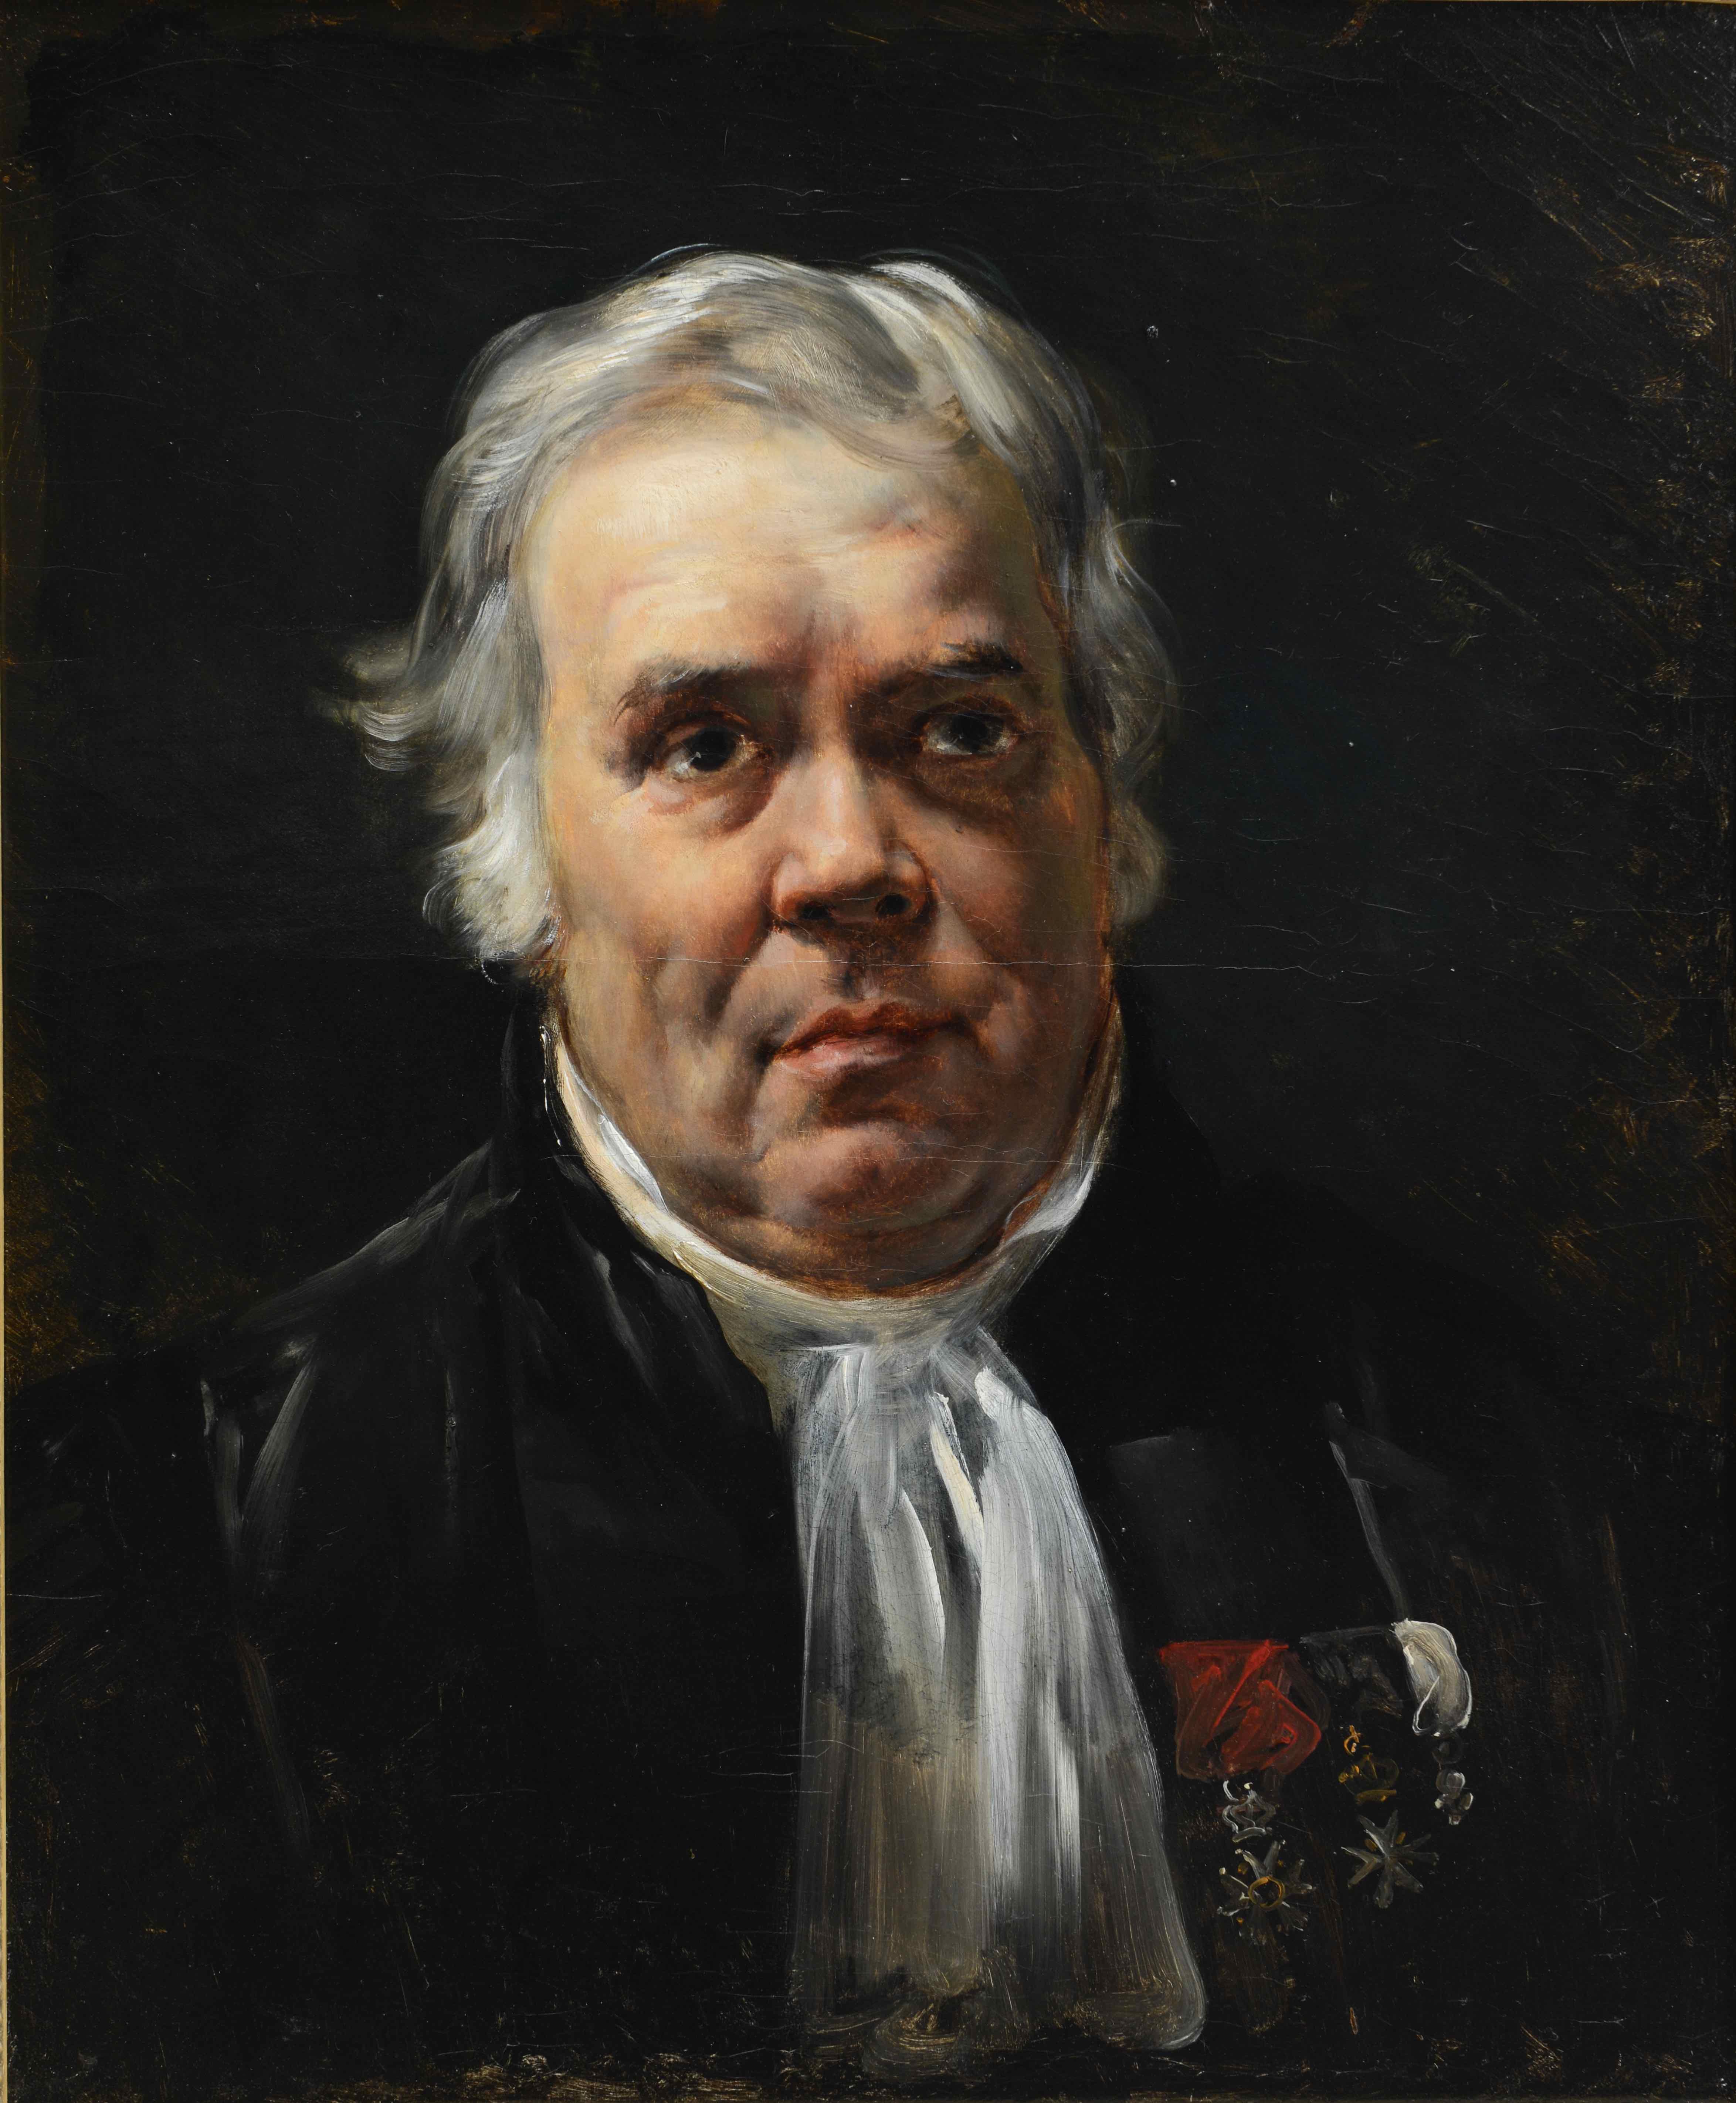 Horace Vernet, Portrait de Noël-Joseph Madier-de-Montjau, 19ème s. © Musée de Valence, photo Eric Caillet